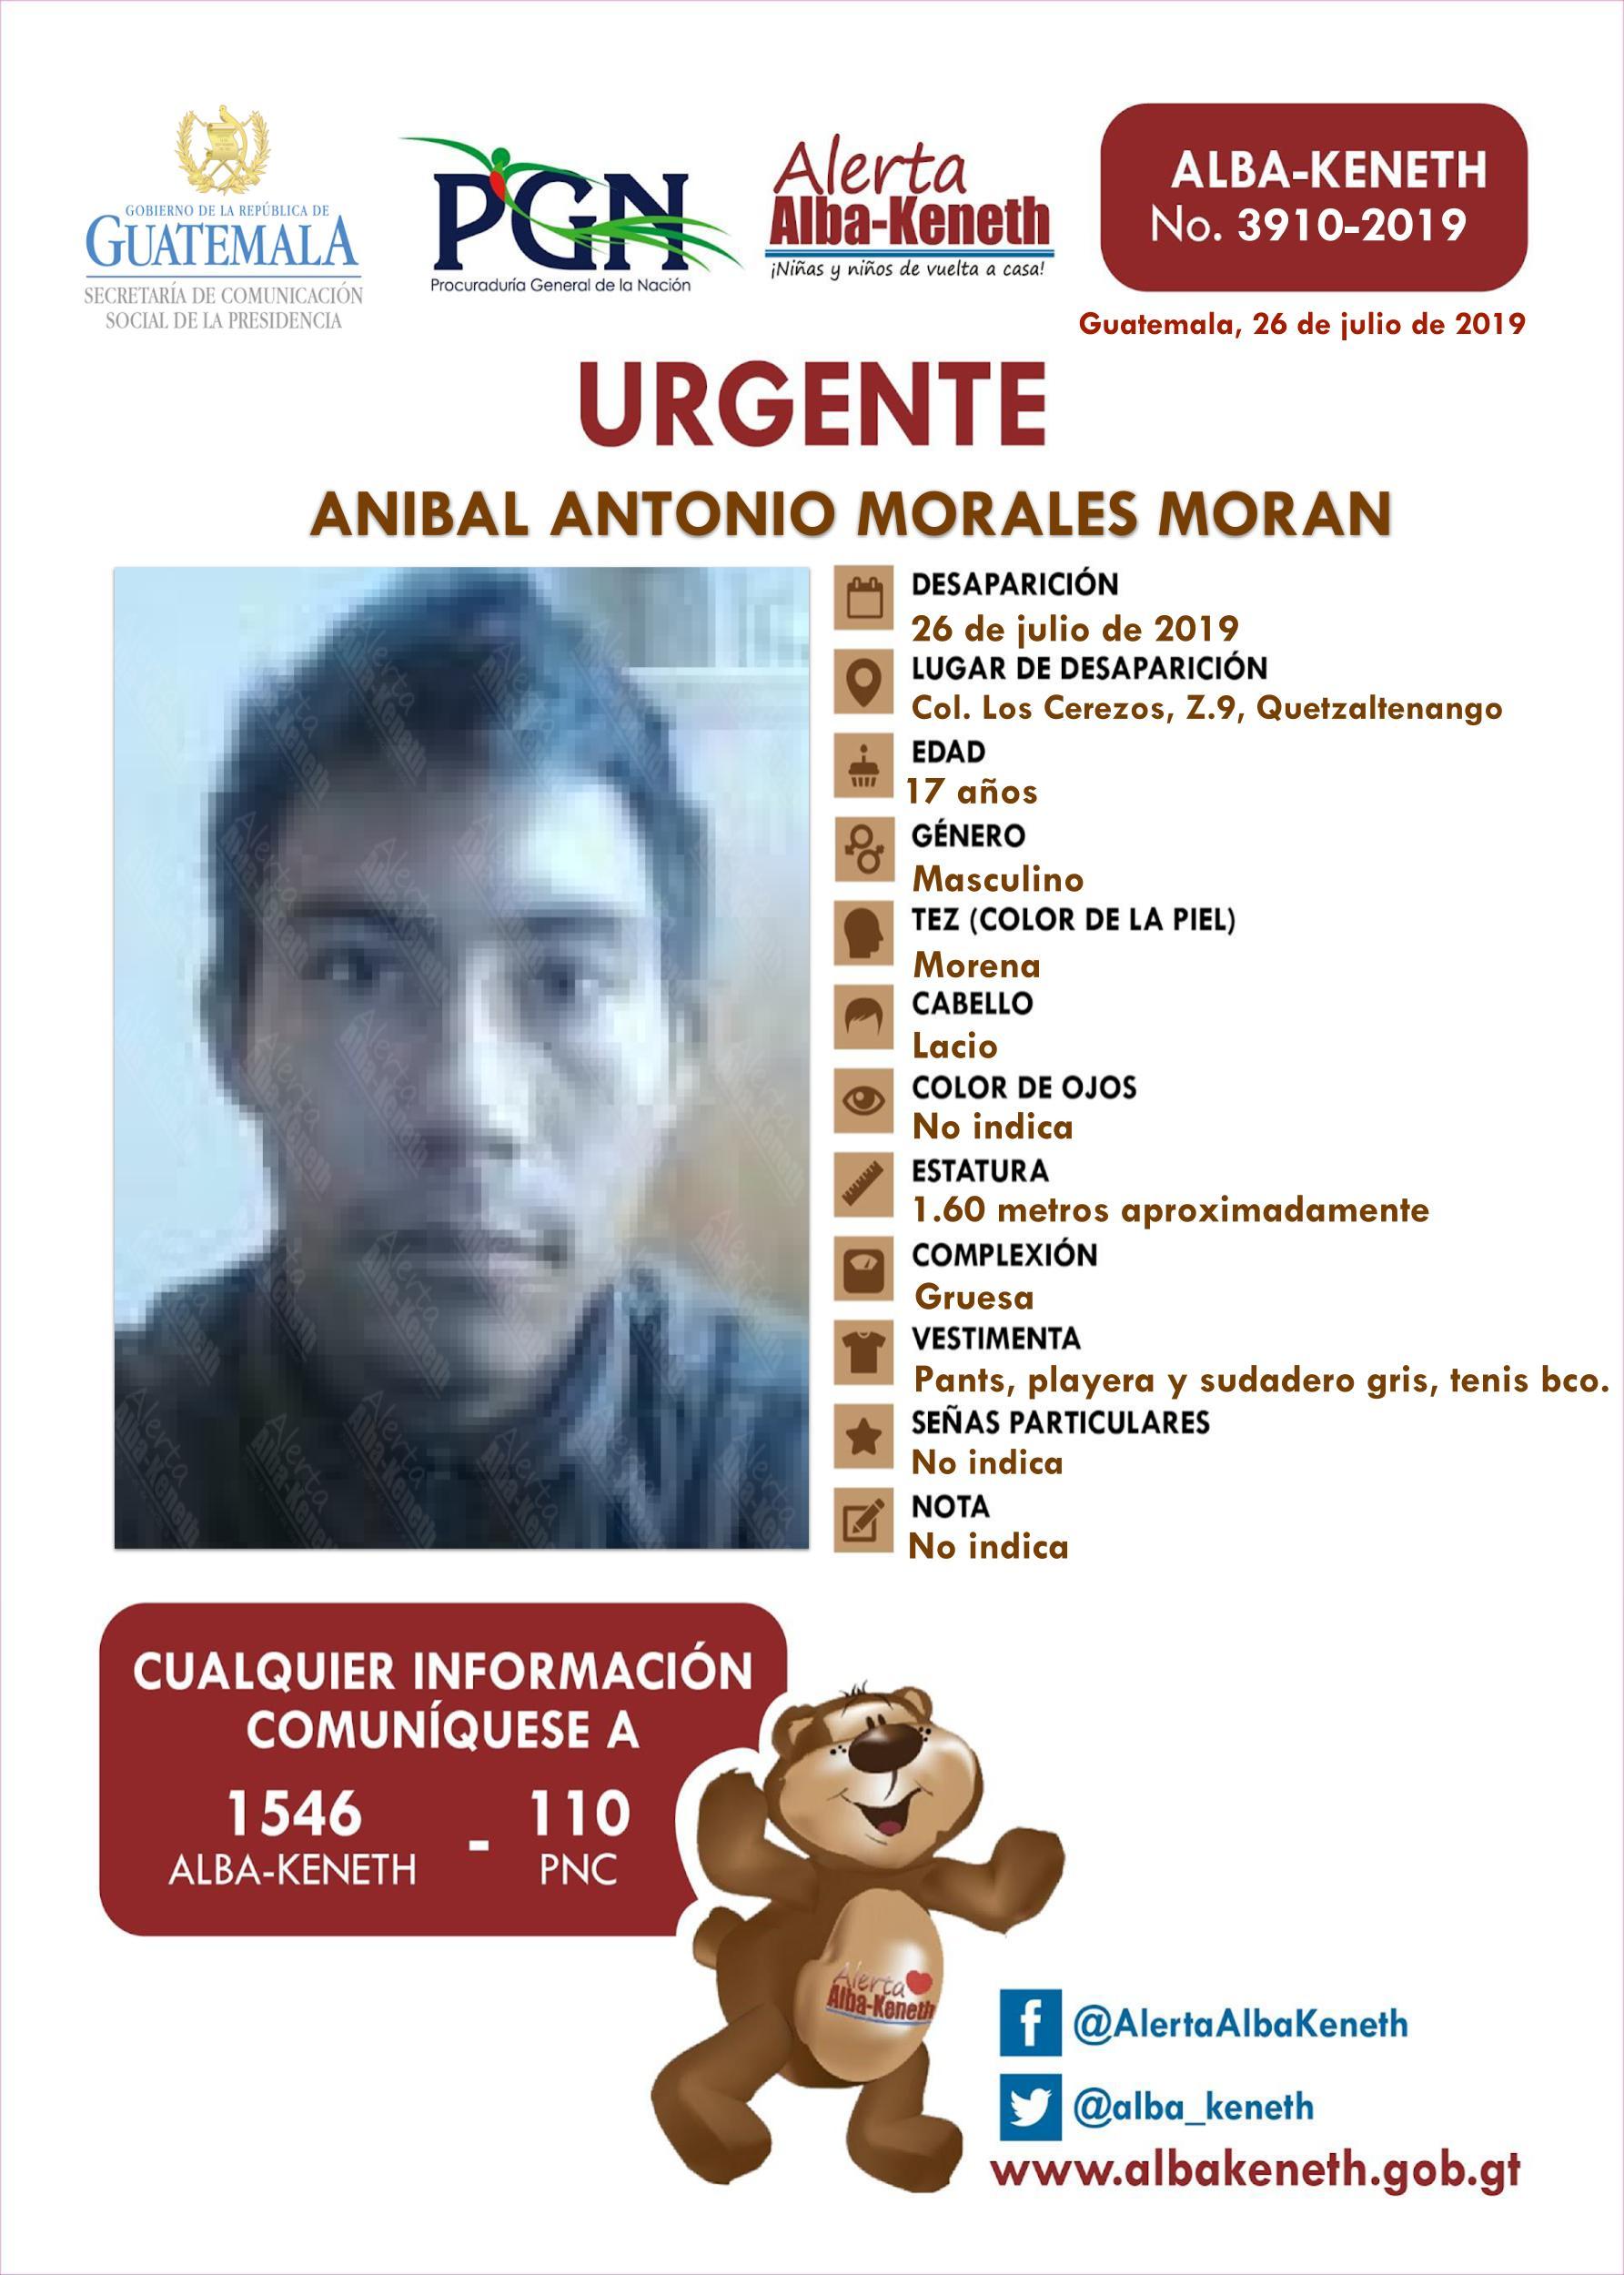 Anibal Antonio Morales Moran